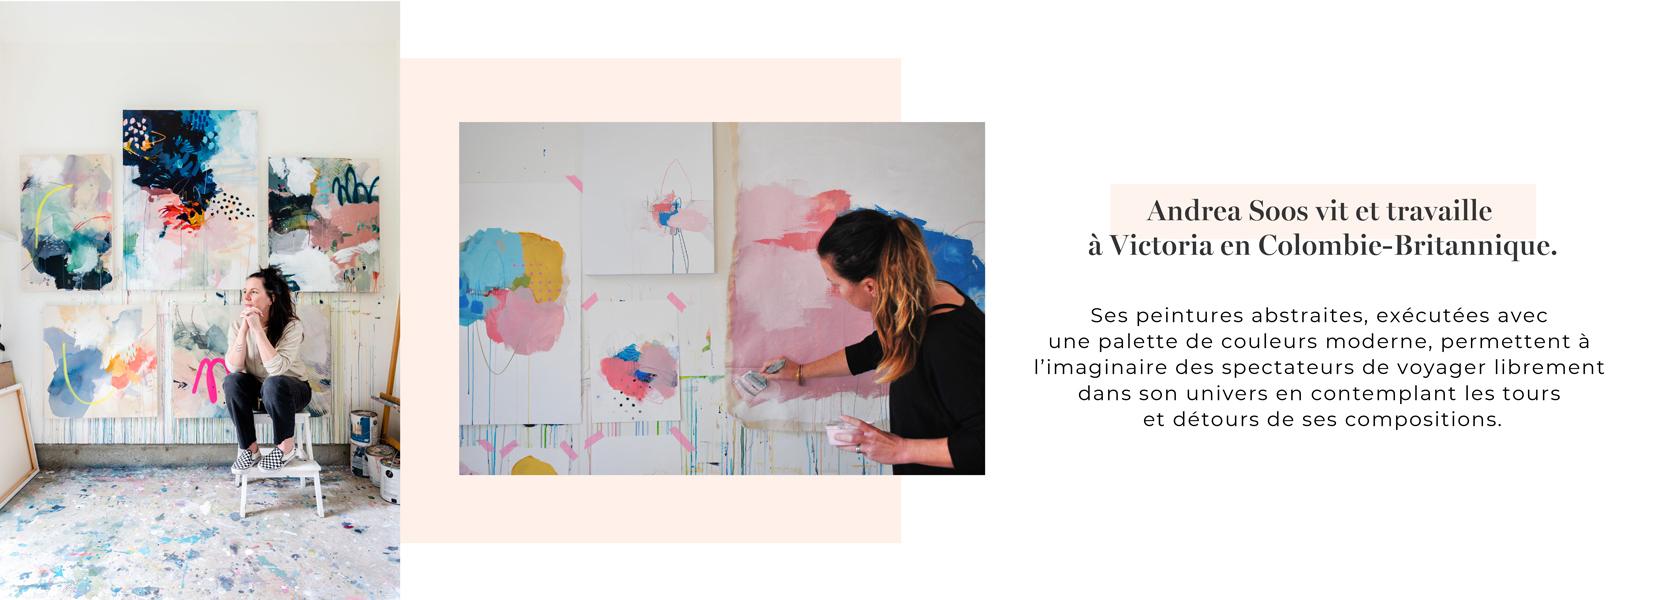 Andrea Soos vit et travaille à Victoria en Colombie-Britannique.